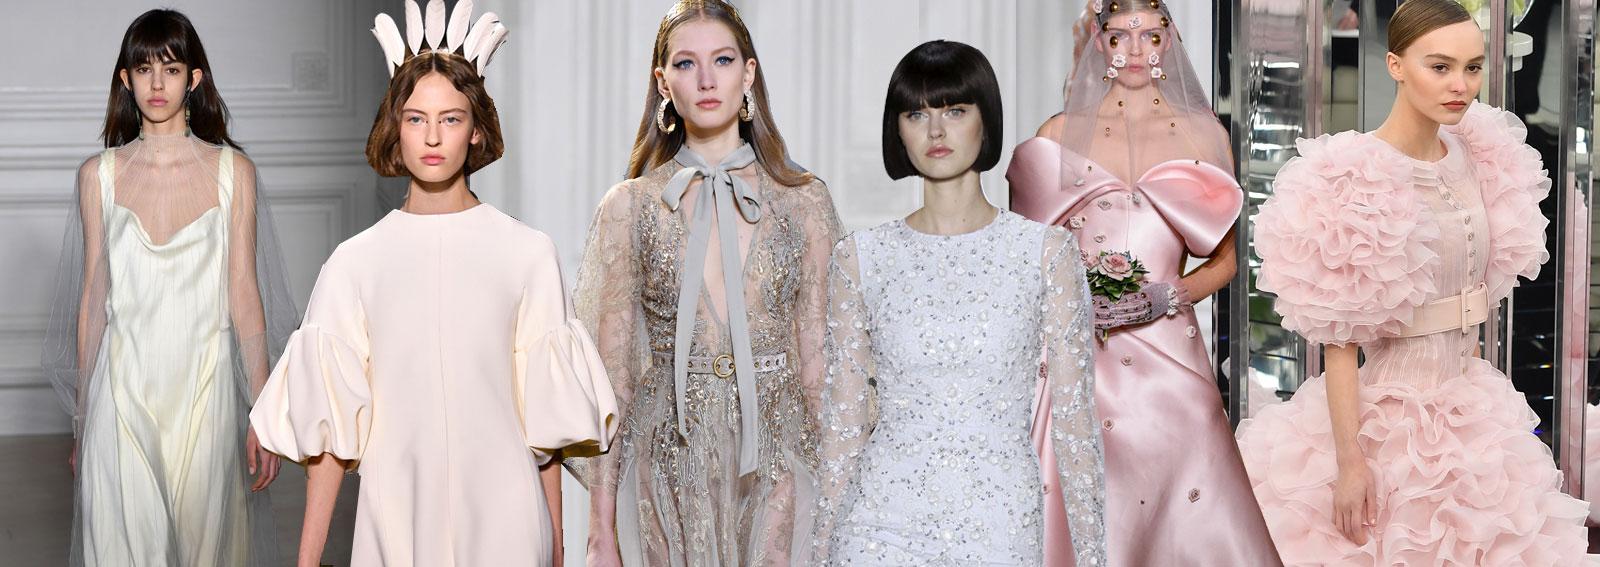 COVER-abiti-da-sposa-haute-couture-DESKTOP